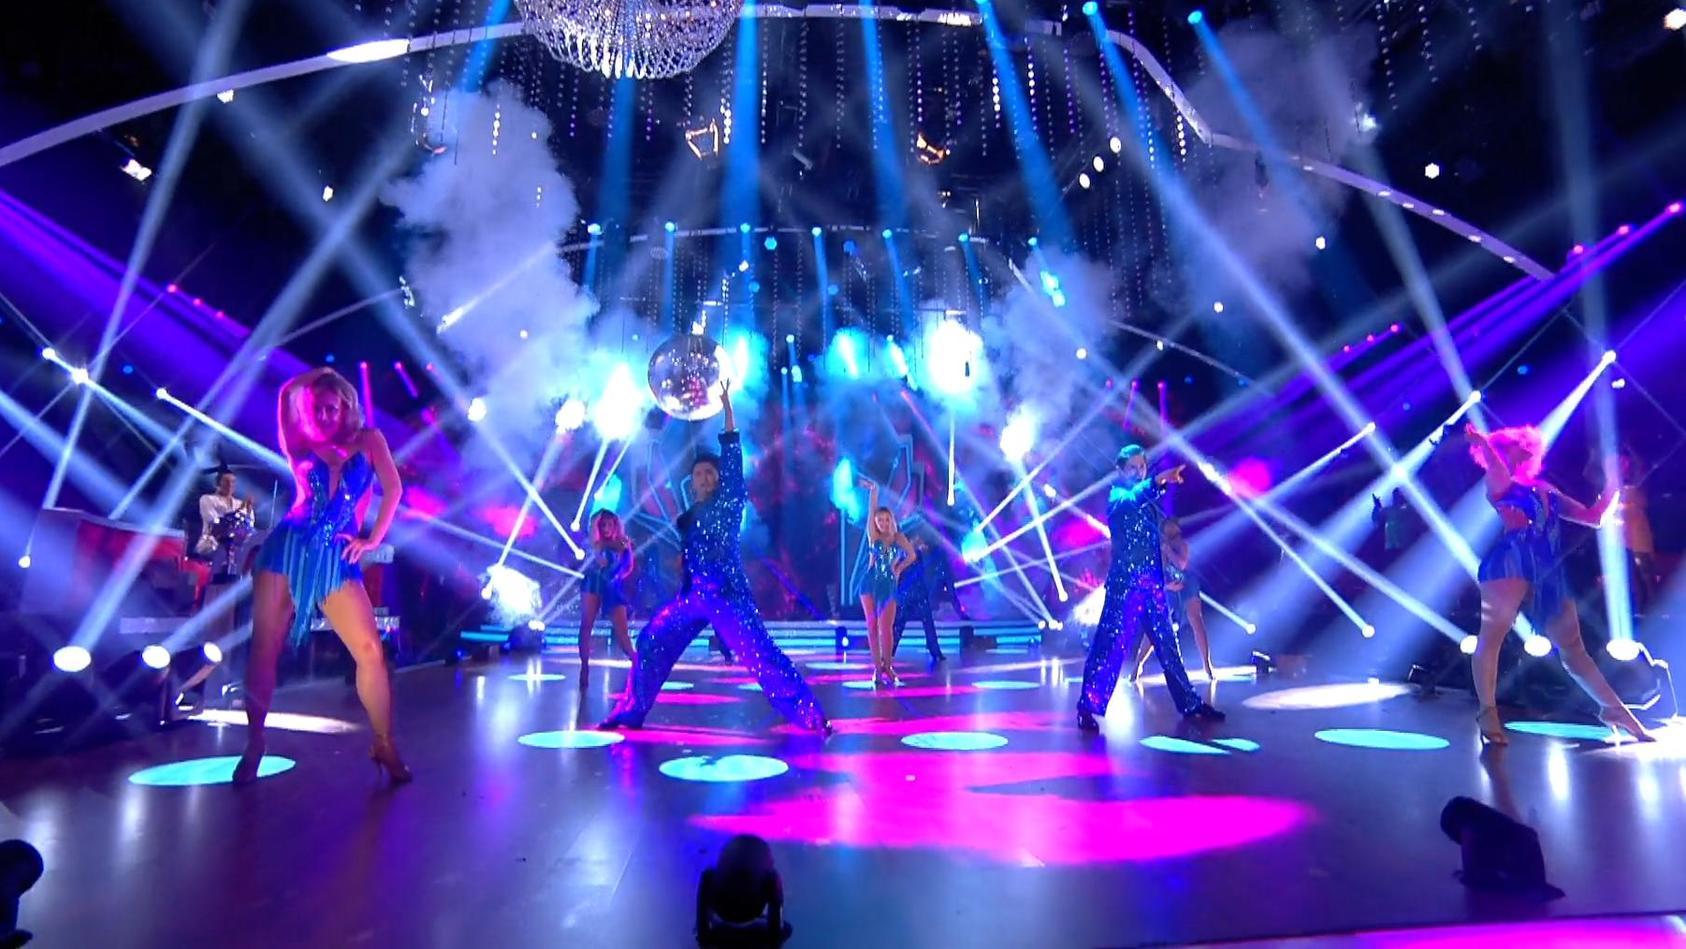 Let S Dance Profi Challenge Diese Tanze Tanzen Christina Luft Co In Der Live Show